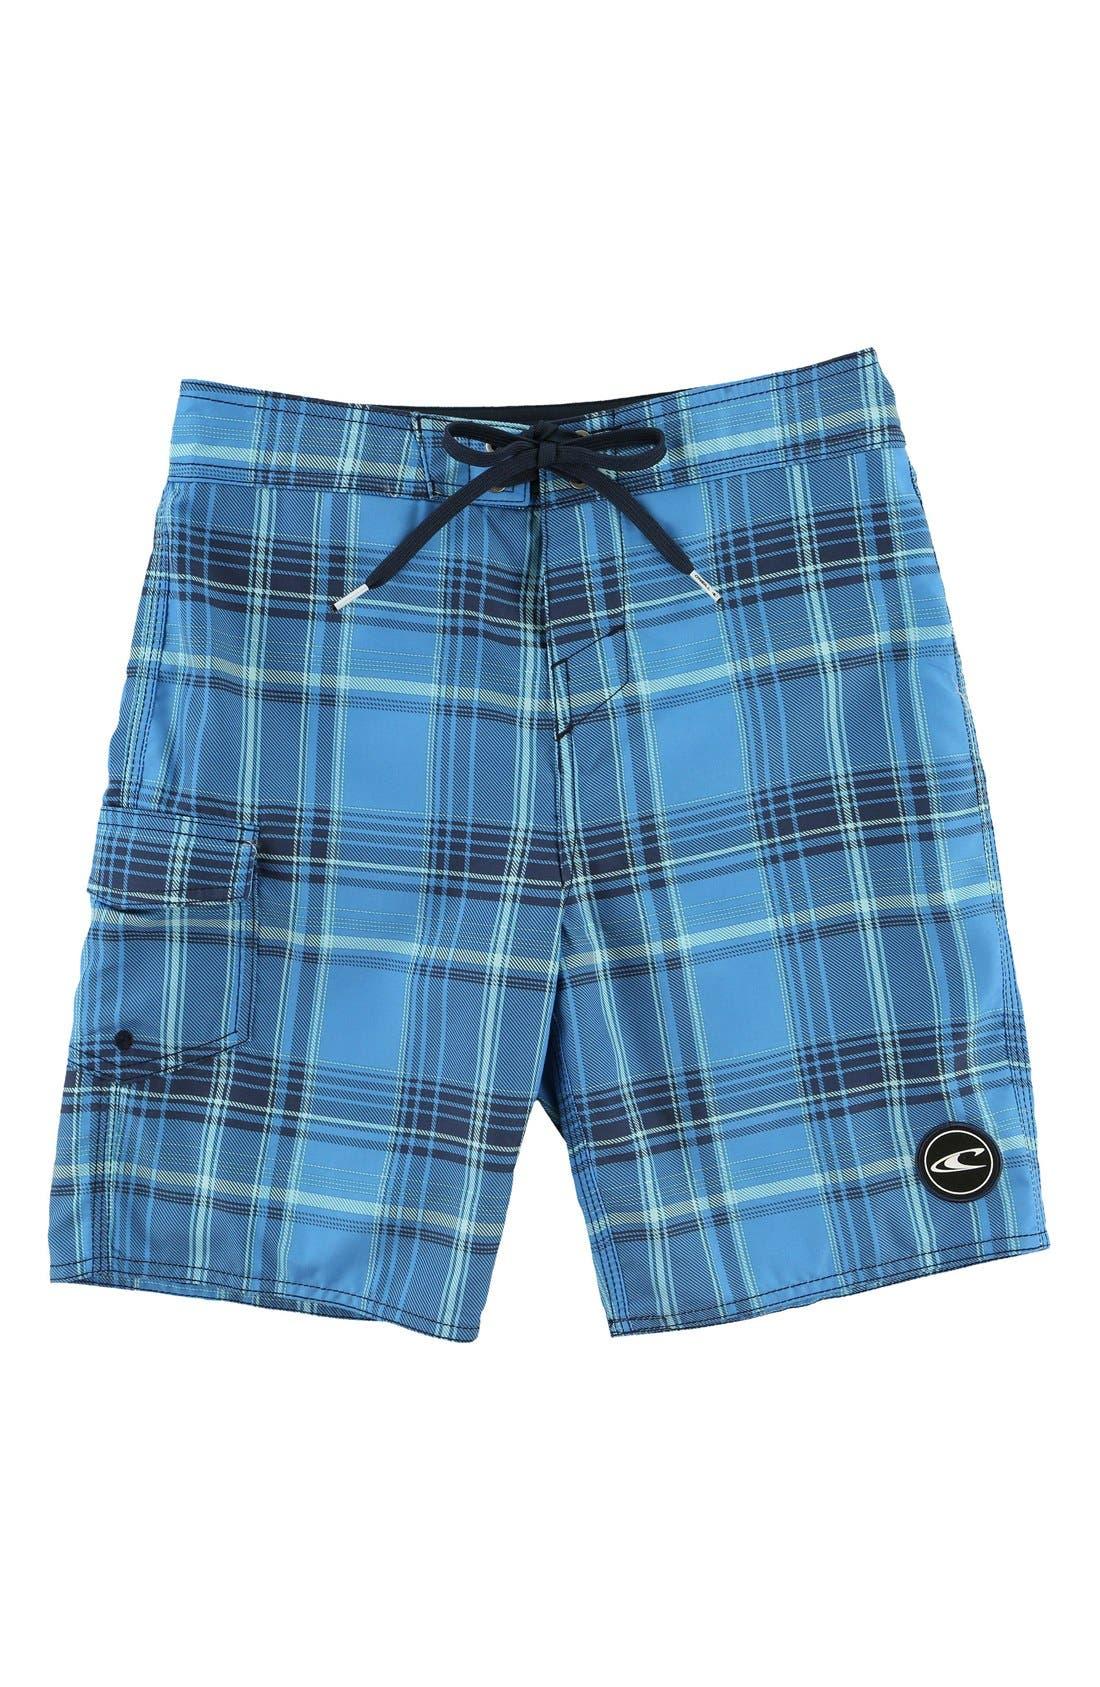 O'Neill Santa Cruz Plaid Board Shorts (Big Boys)